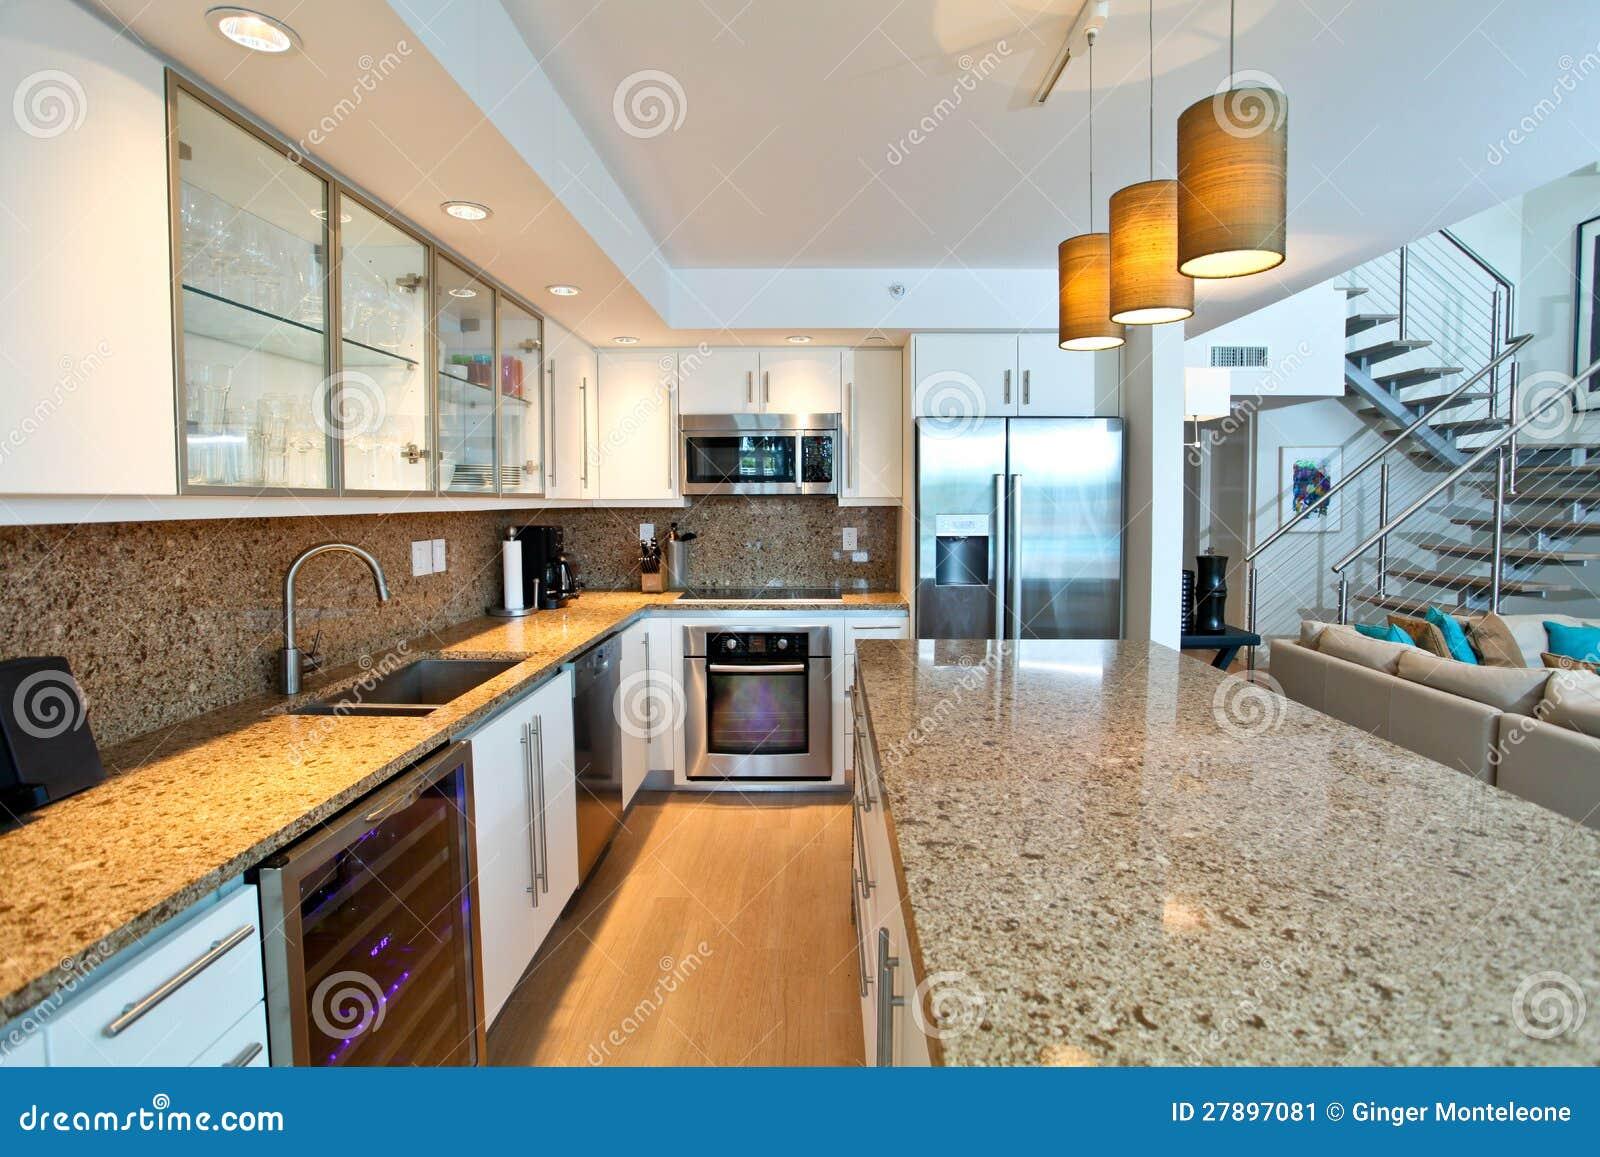 Öppna kök fotografering för bildbyråer   bild: 27897081